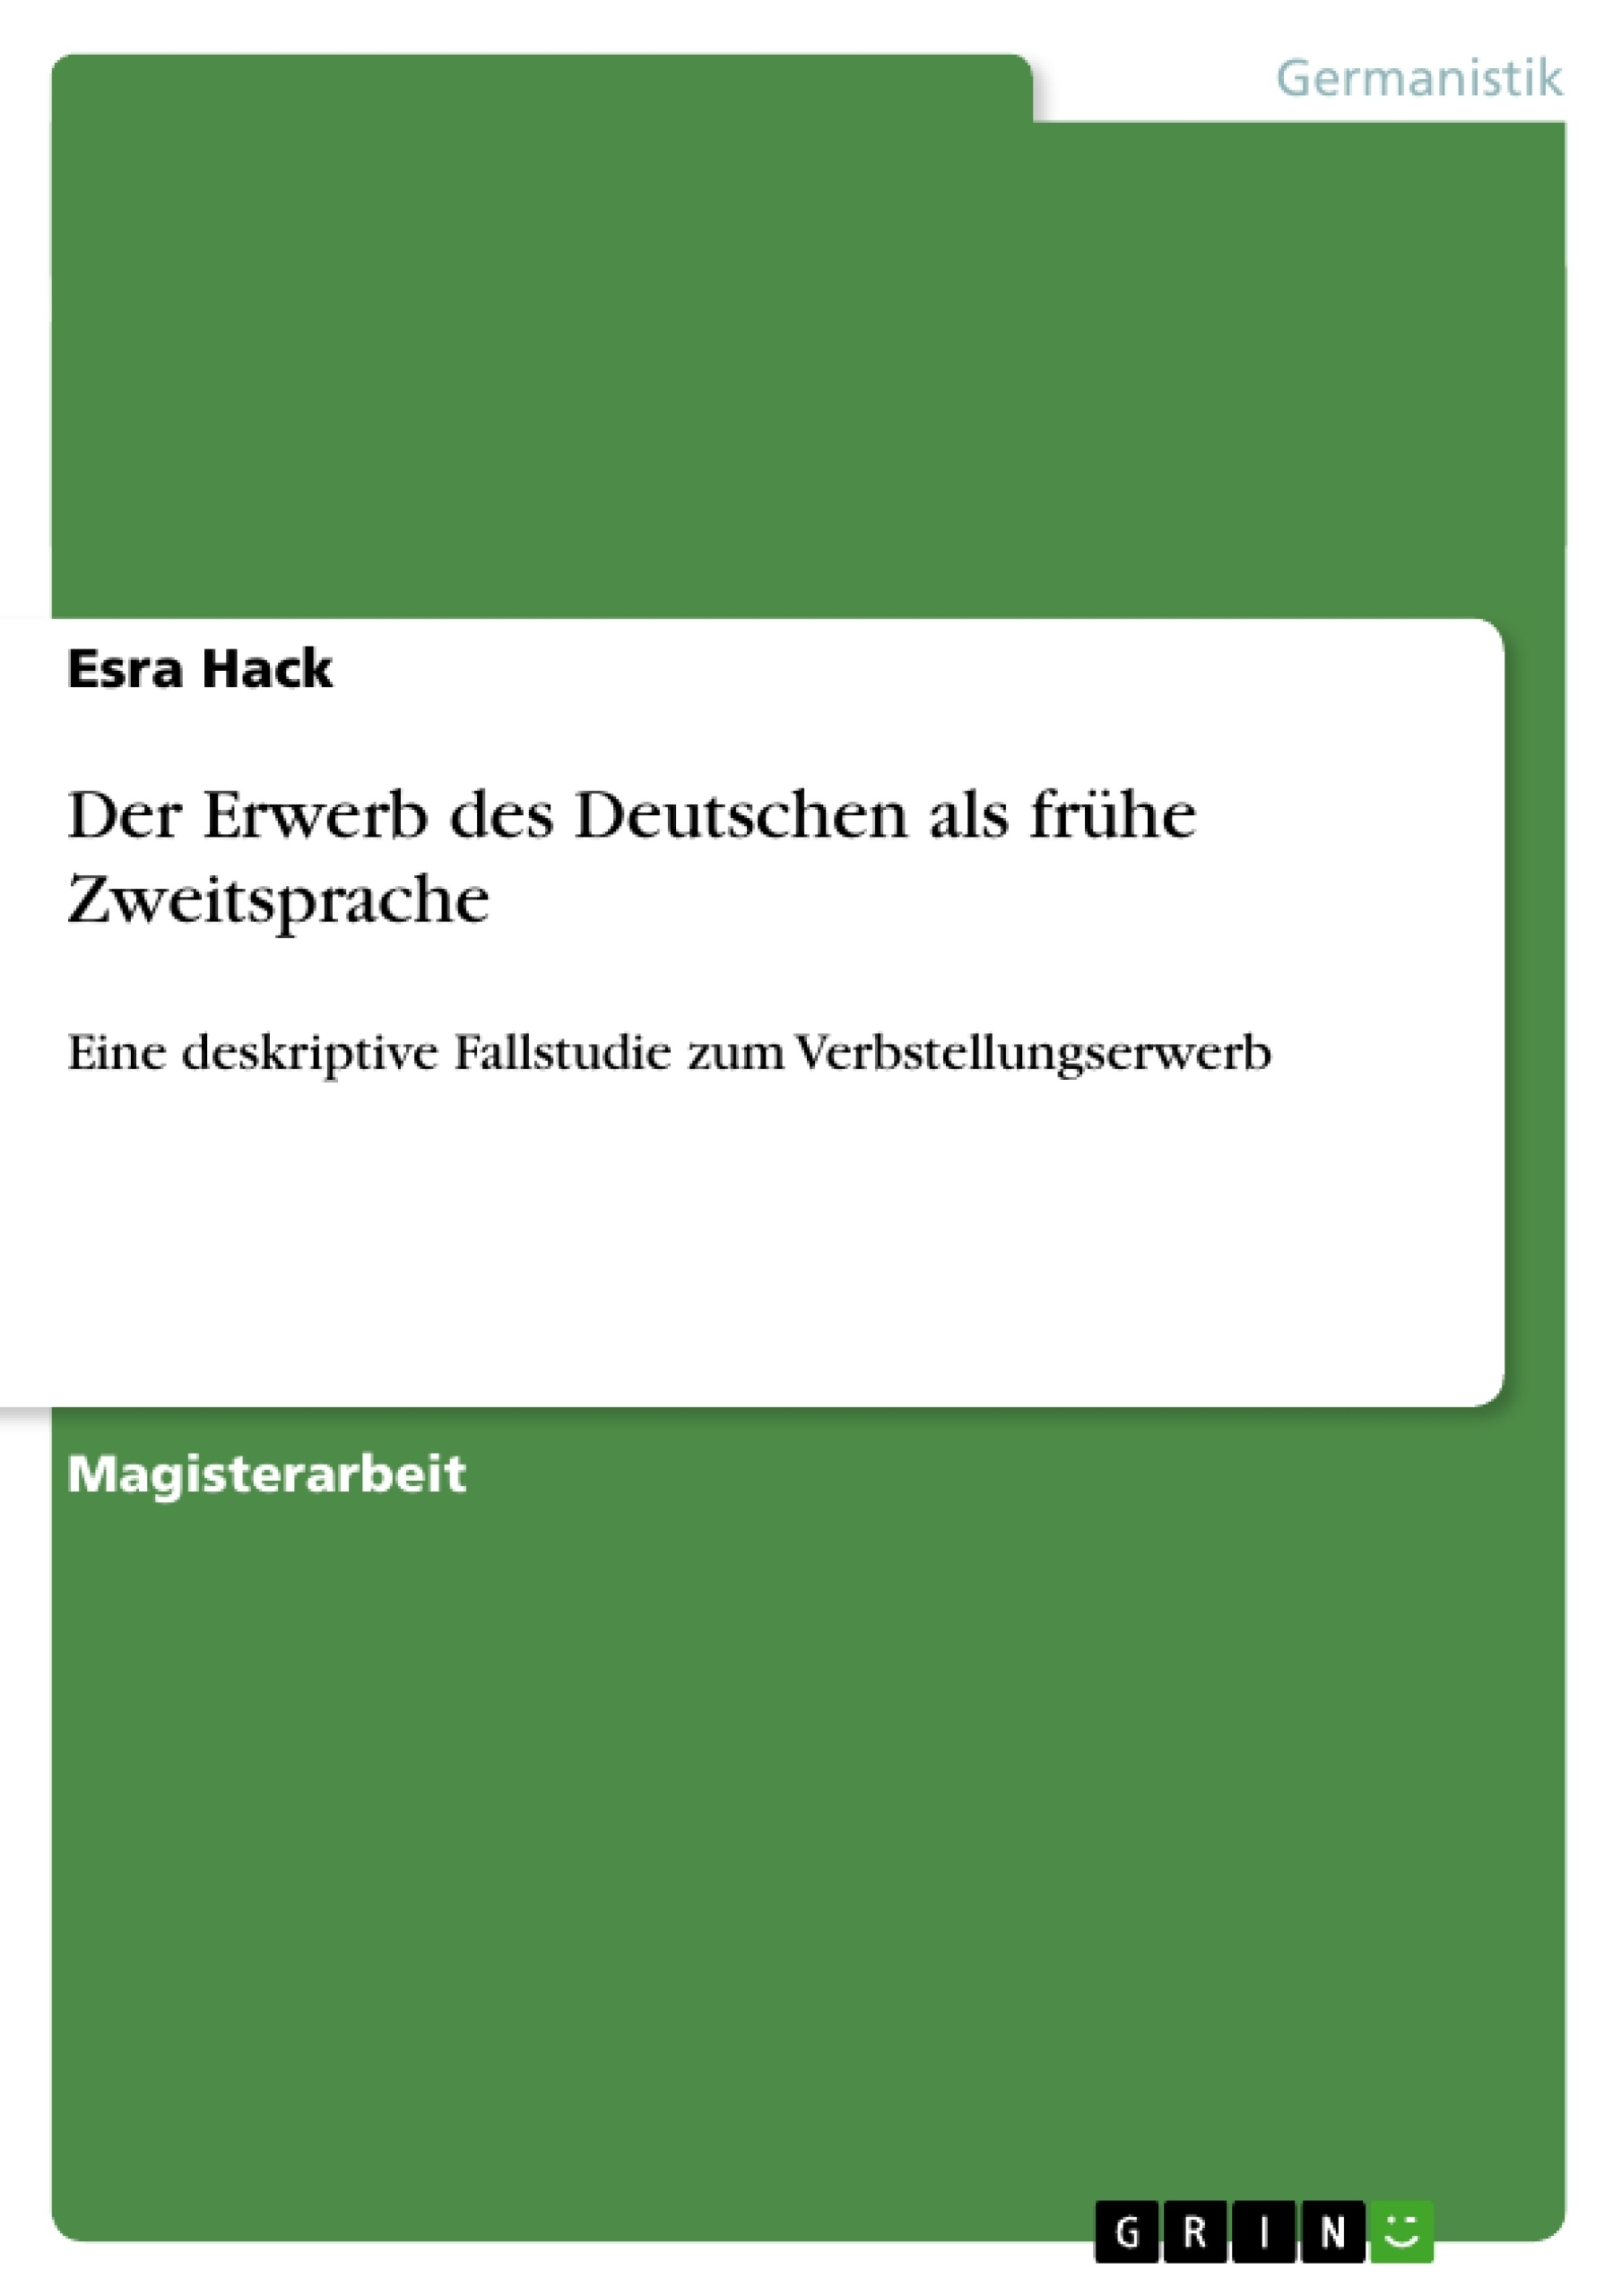 Titel: Der Erwerb des Deutschen als frühe Zweitsprache